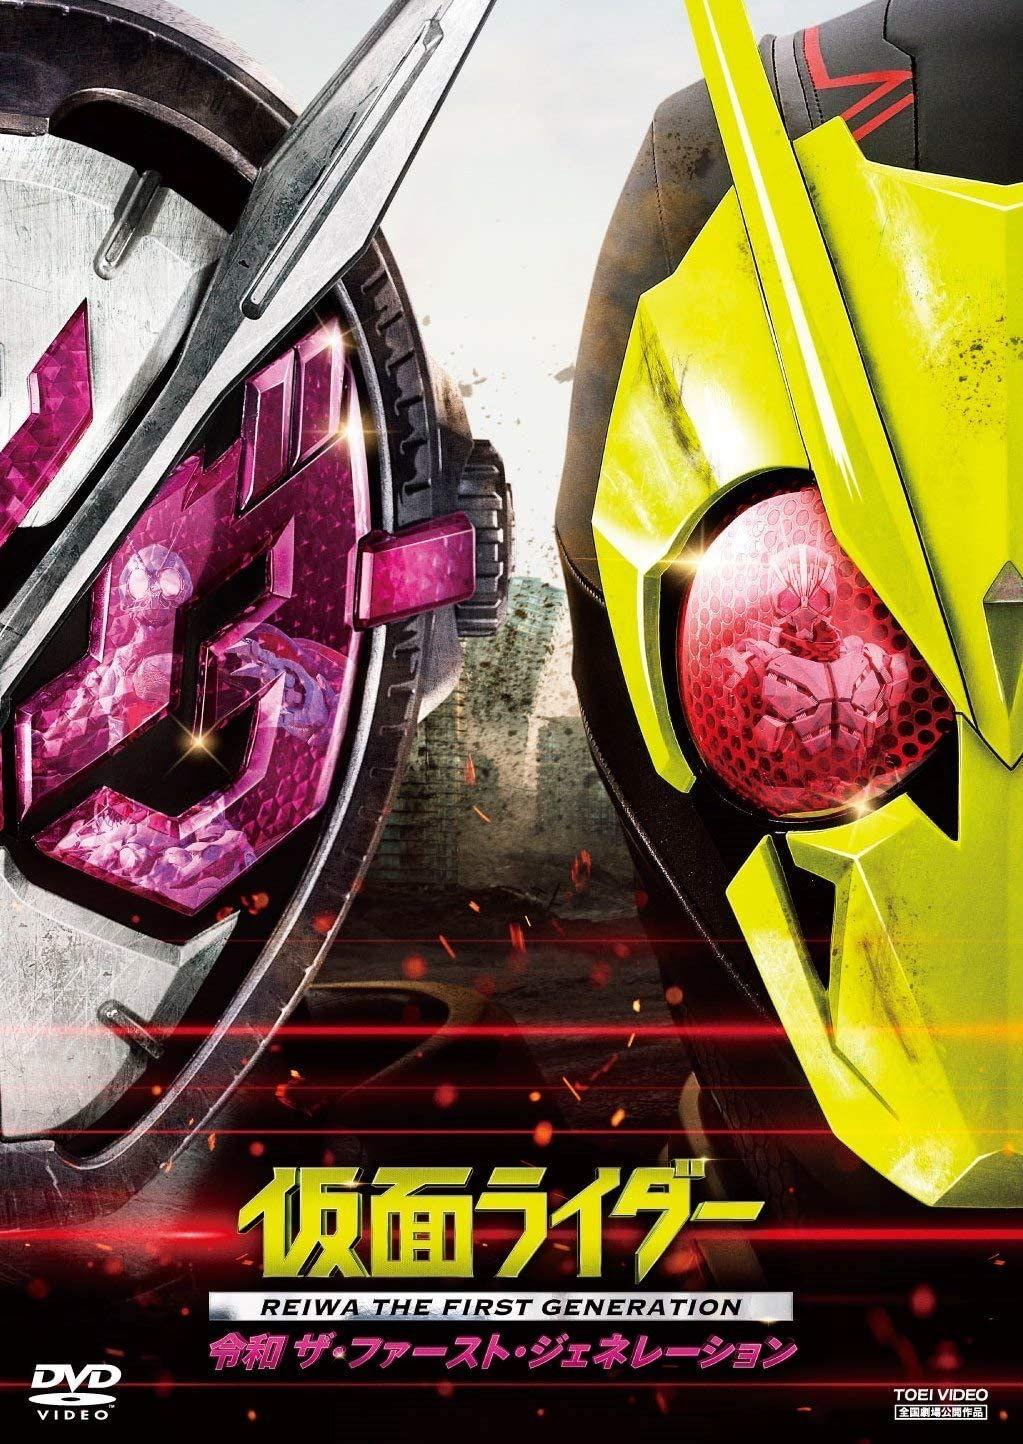 仮面ライダー 令和 ザ・ファースト・ジェネレーション [DVD] di 2020 Kamen rider